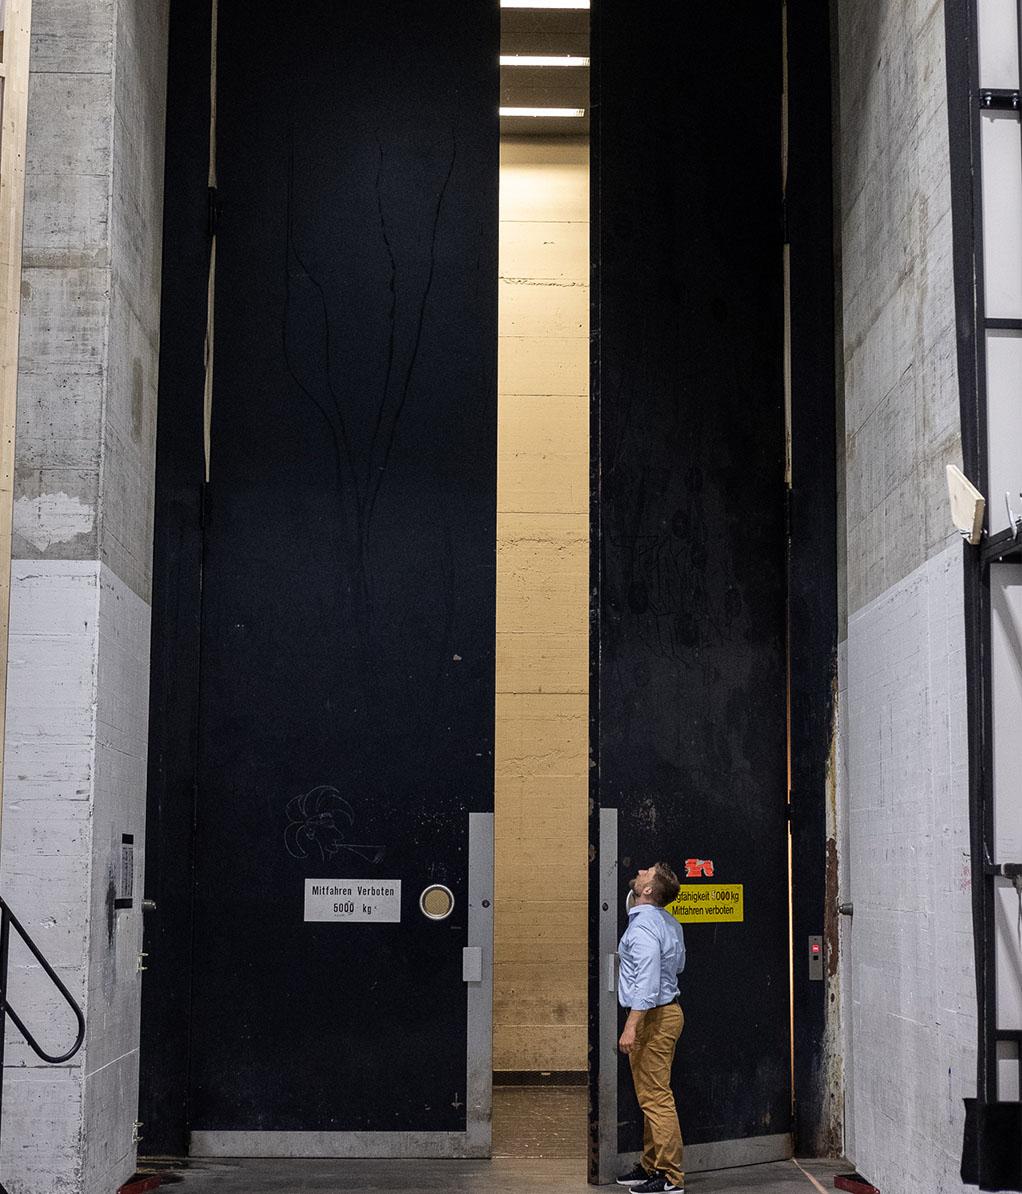 Opernhaus Lift